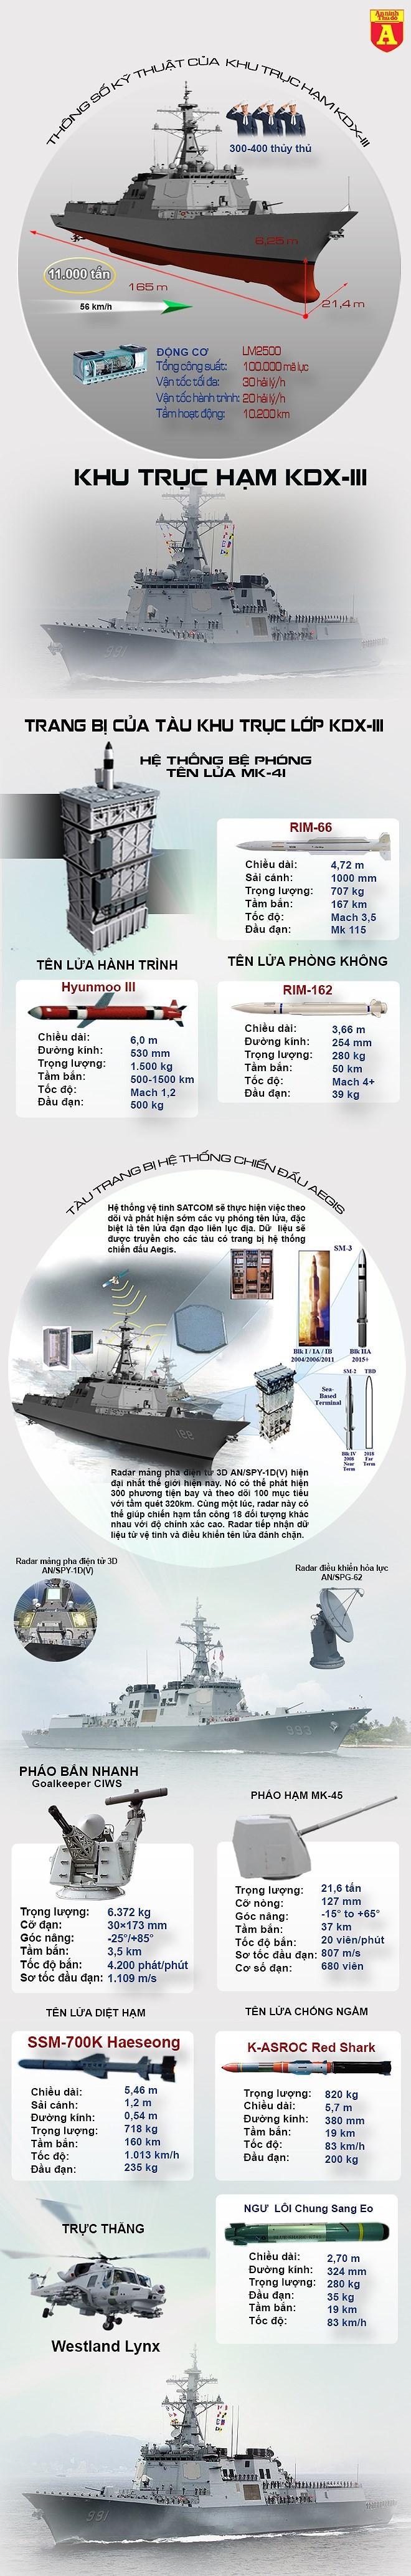 [ĐỒ HỌA] Mỹ phát triển nhưng Hàn Quốc mới là quốc gia sở hữu chiến hạm Aegis khủng nhất thế giới ảnh 2